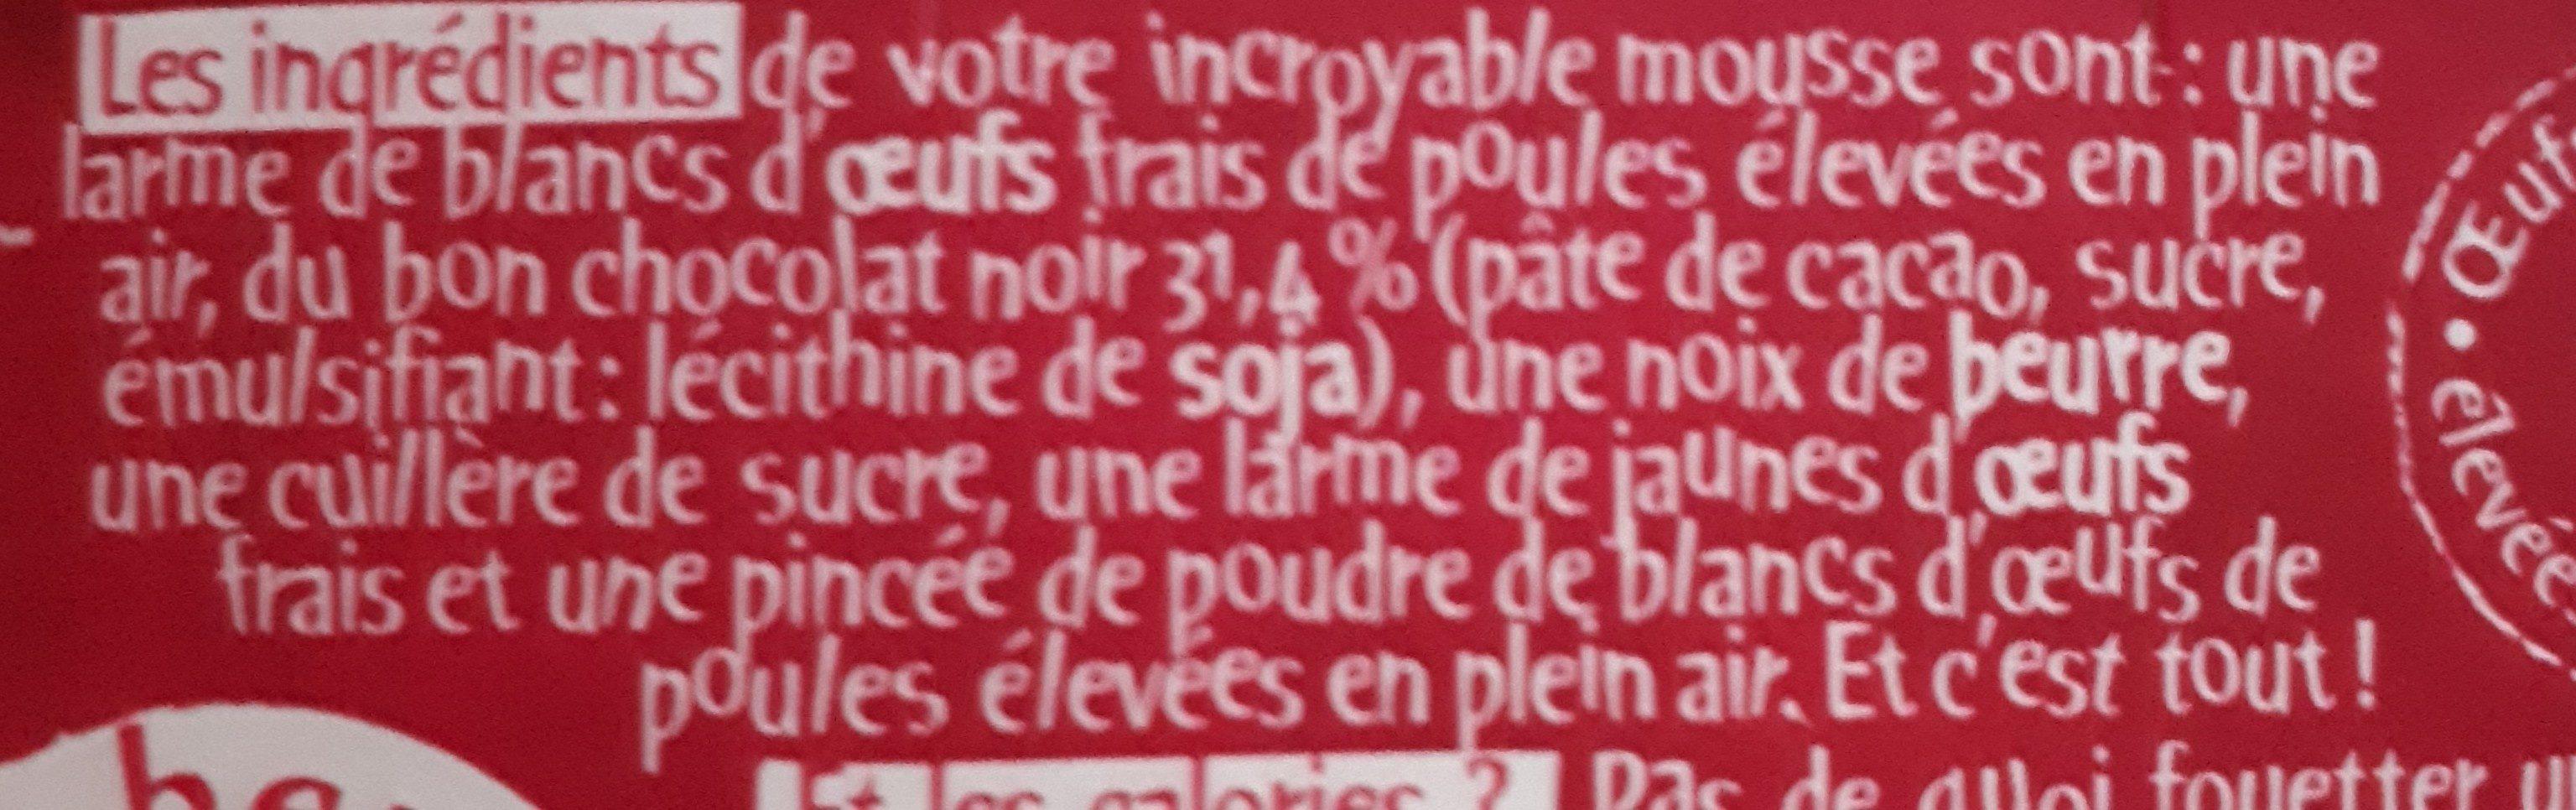 L'incroyable mousse - Chocolat noir - Ingredients - fr